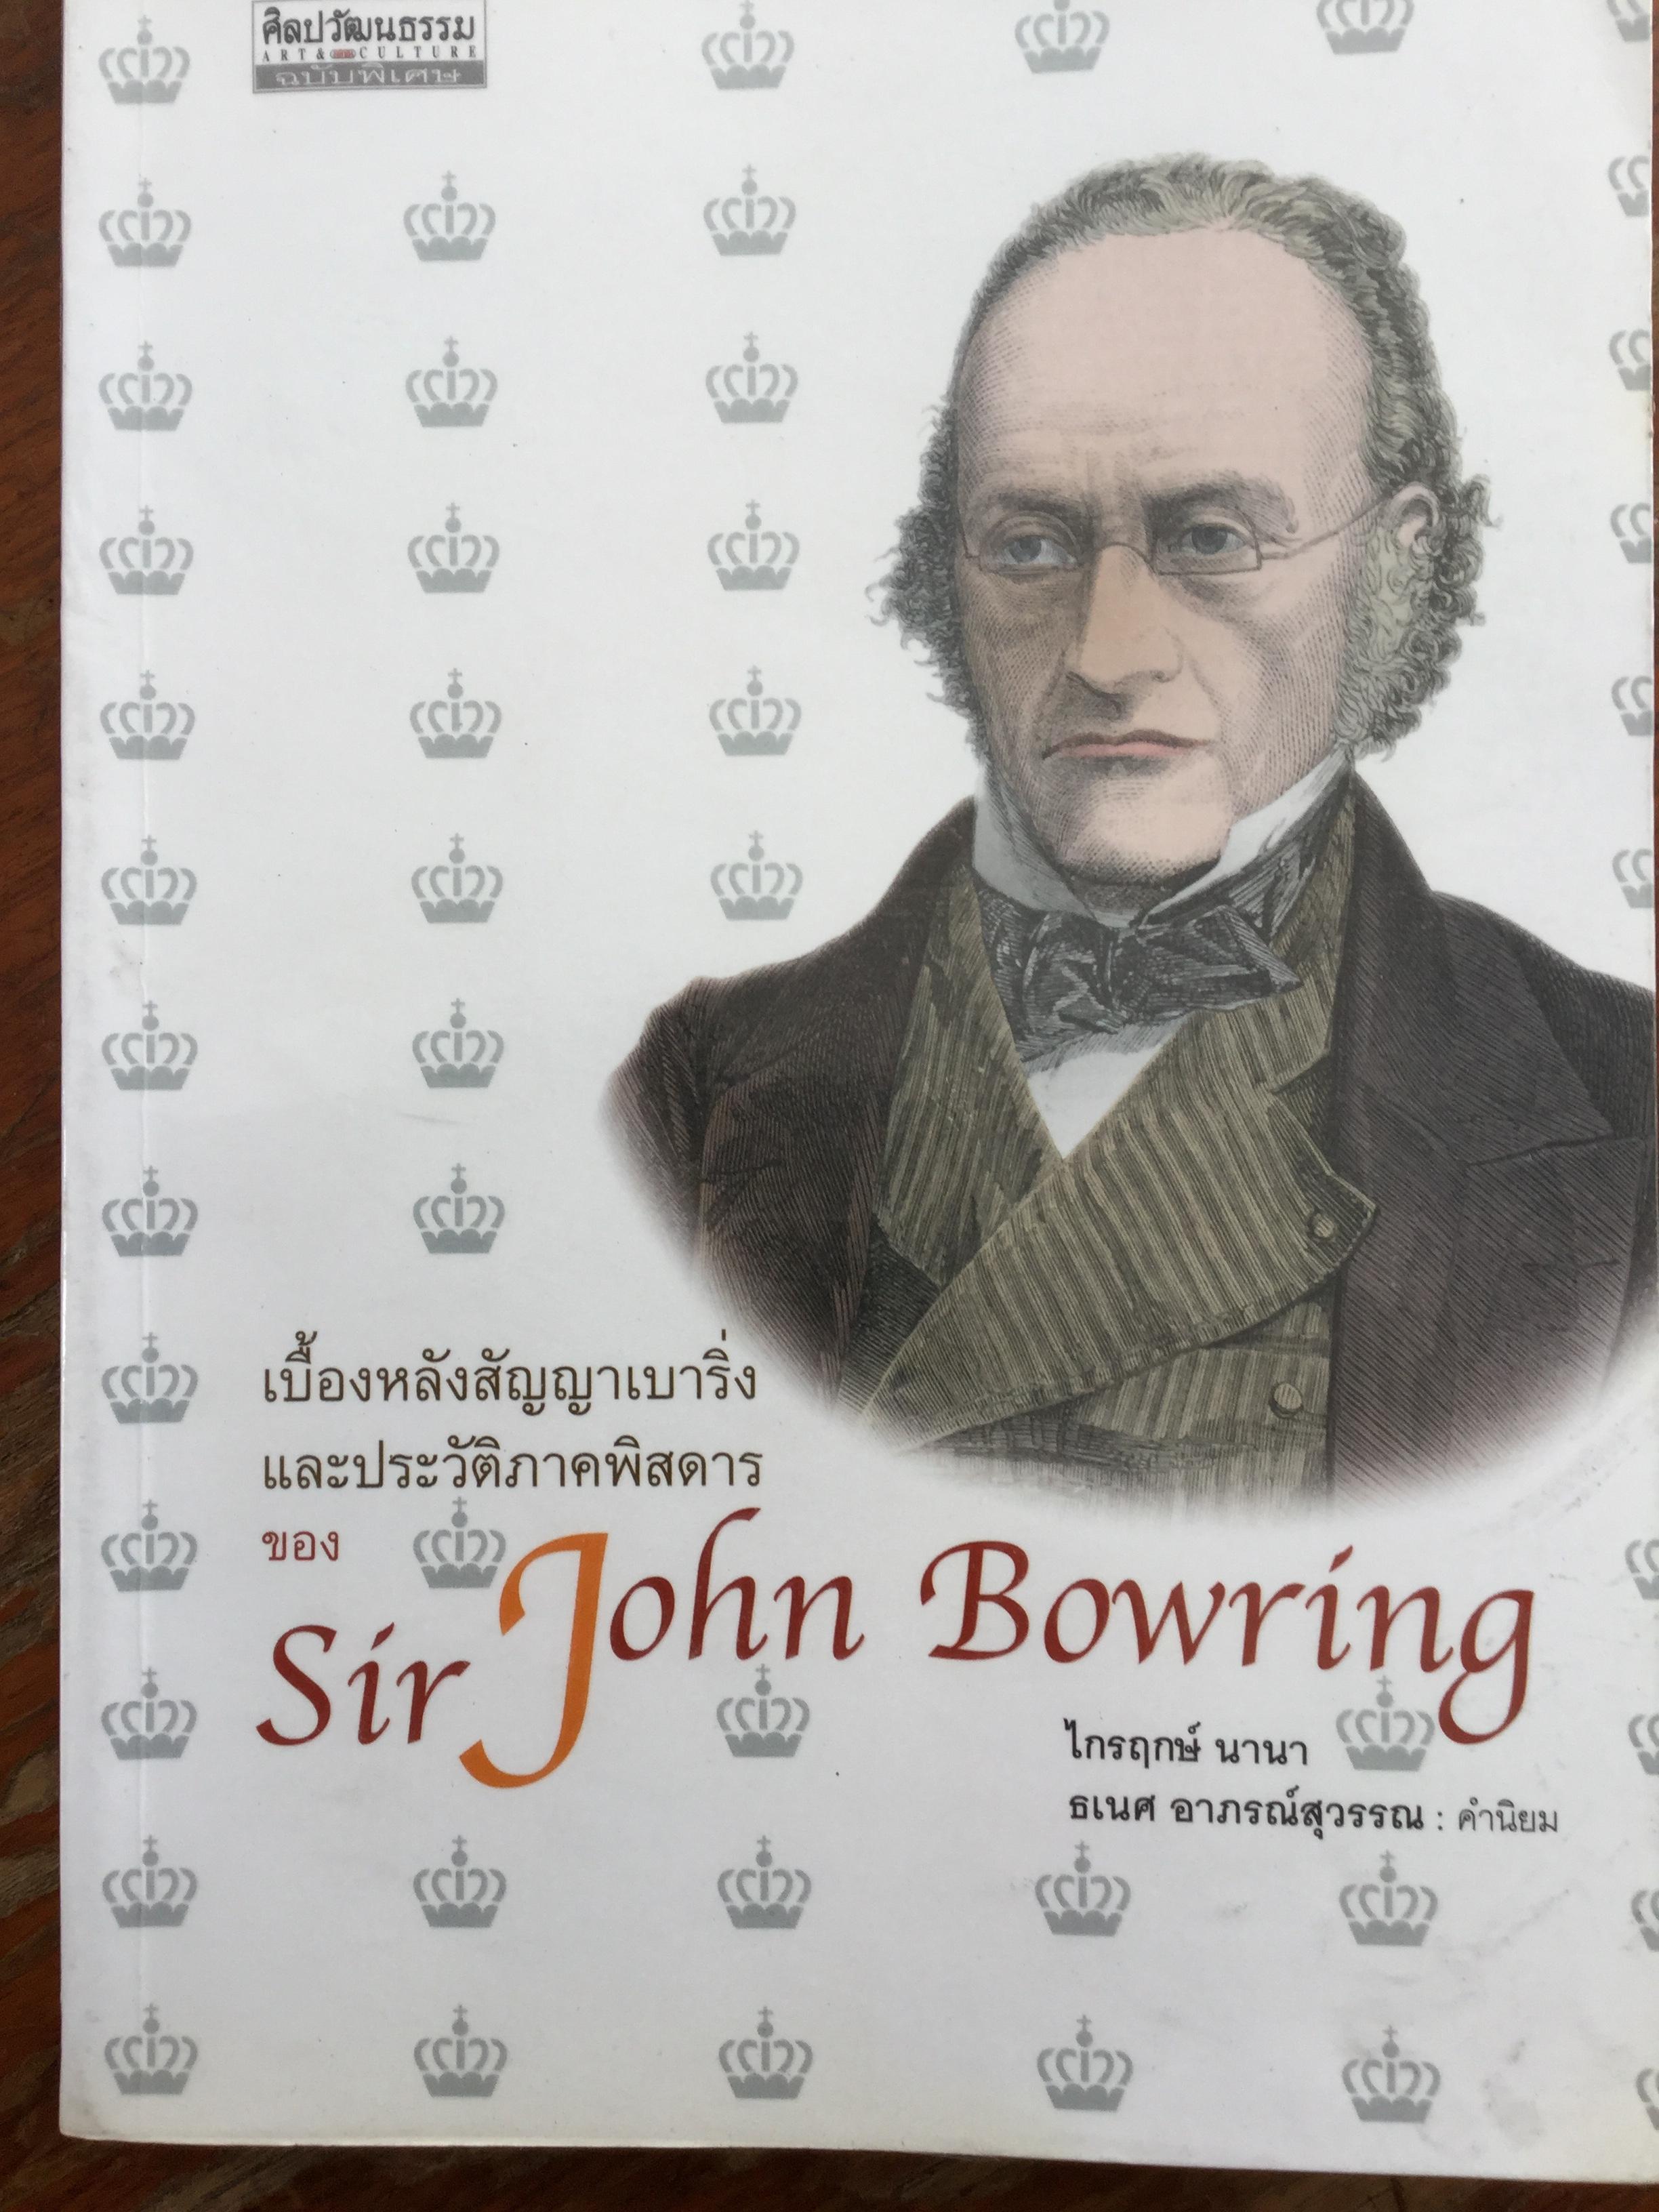 เบื้องหลังสัญญาเบาริ่งและประวัติภาคพิศดารของ Sir John Bowring. ผู้เขียน ไกรฤกษ์ นานา